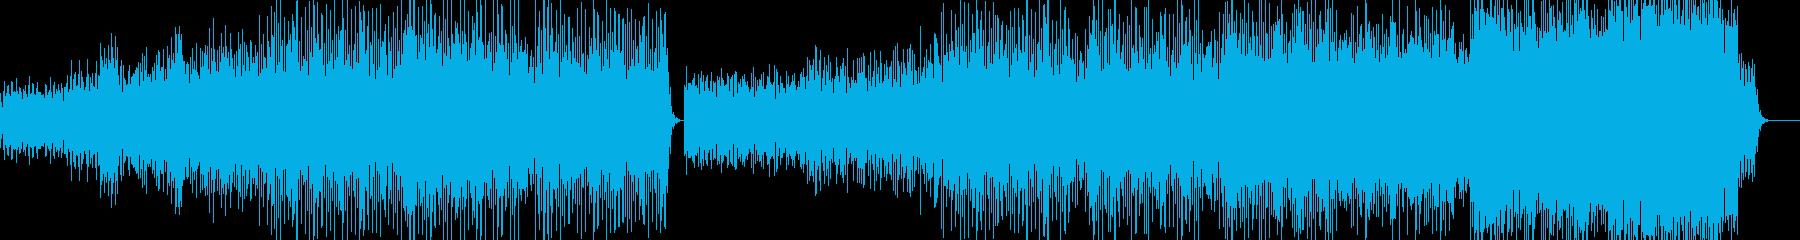 下千鳥音階によるハードコアテクノの再生済みの波形